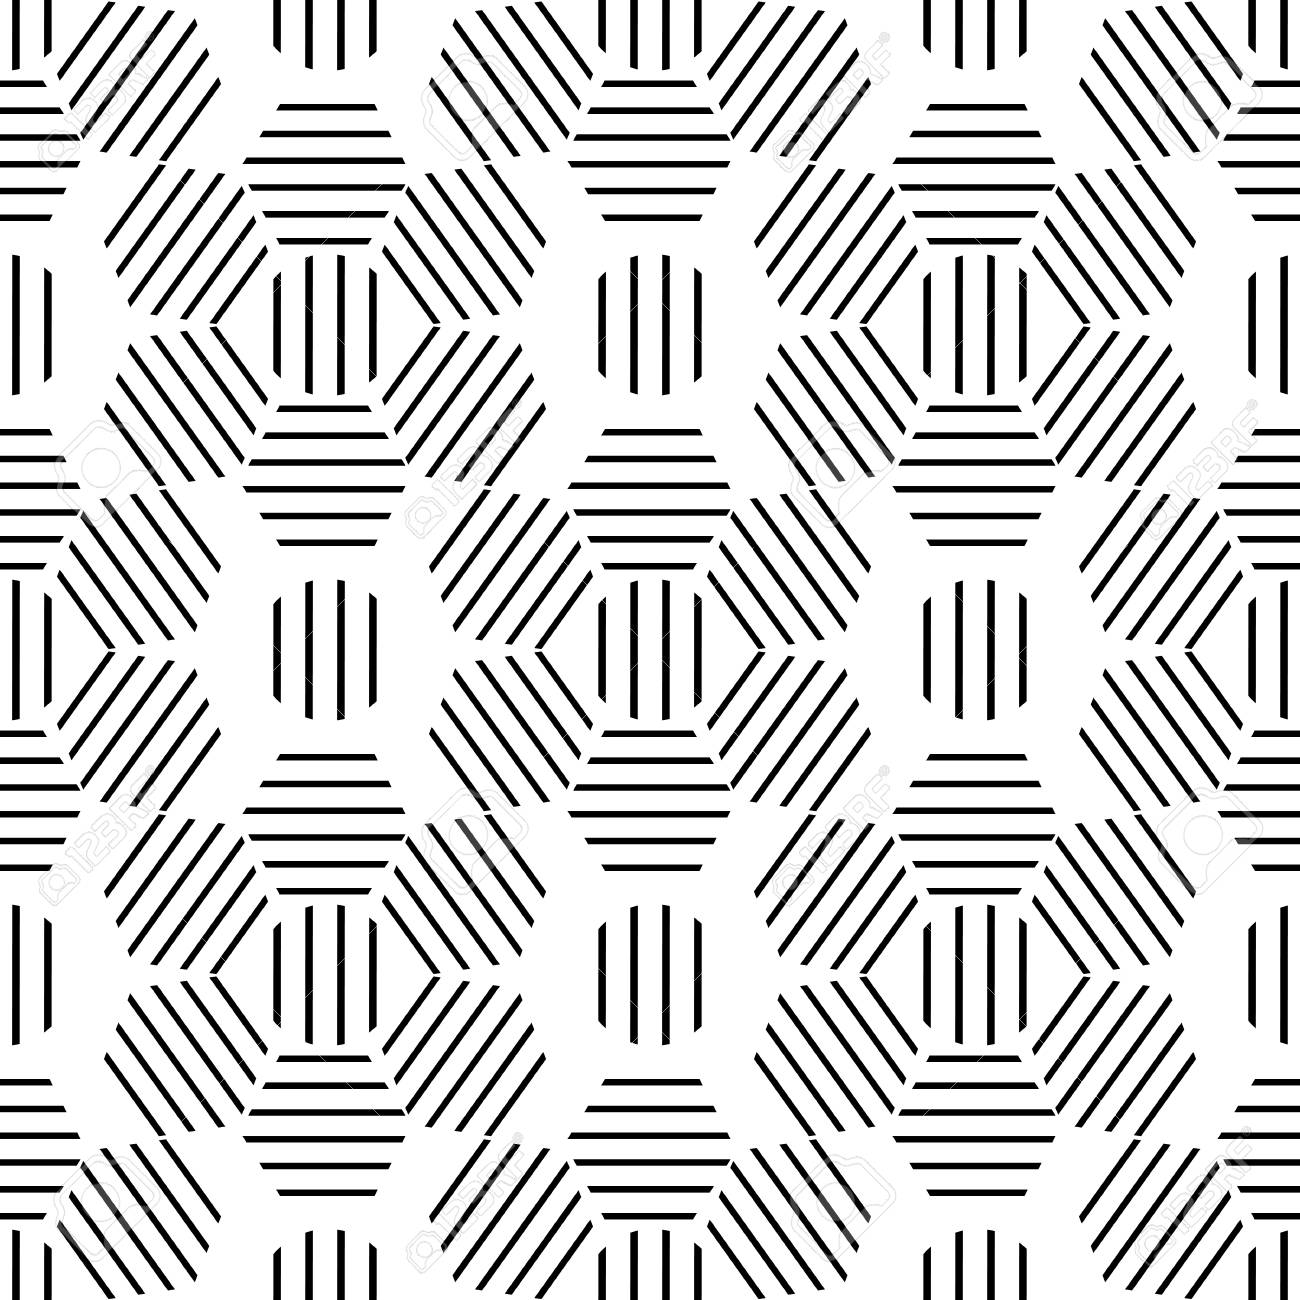 Seamless Monocromo Patrón Geométrico De Líneas Negras En Una ...